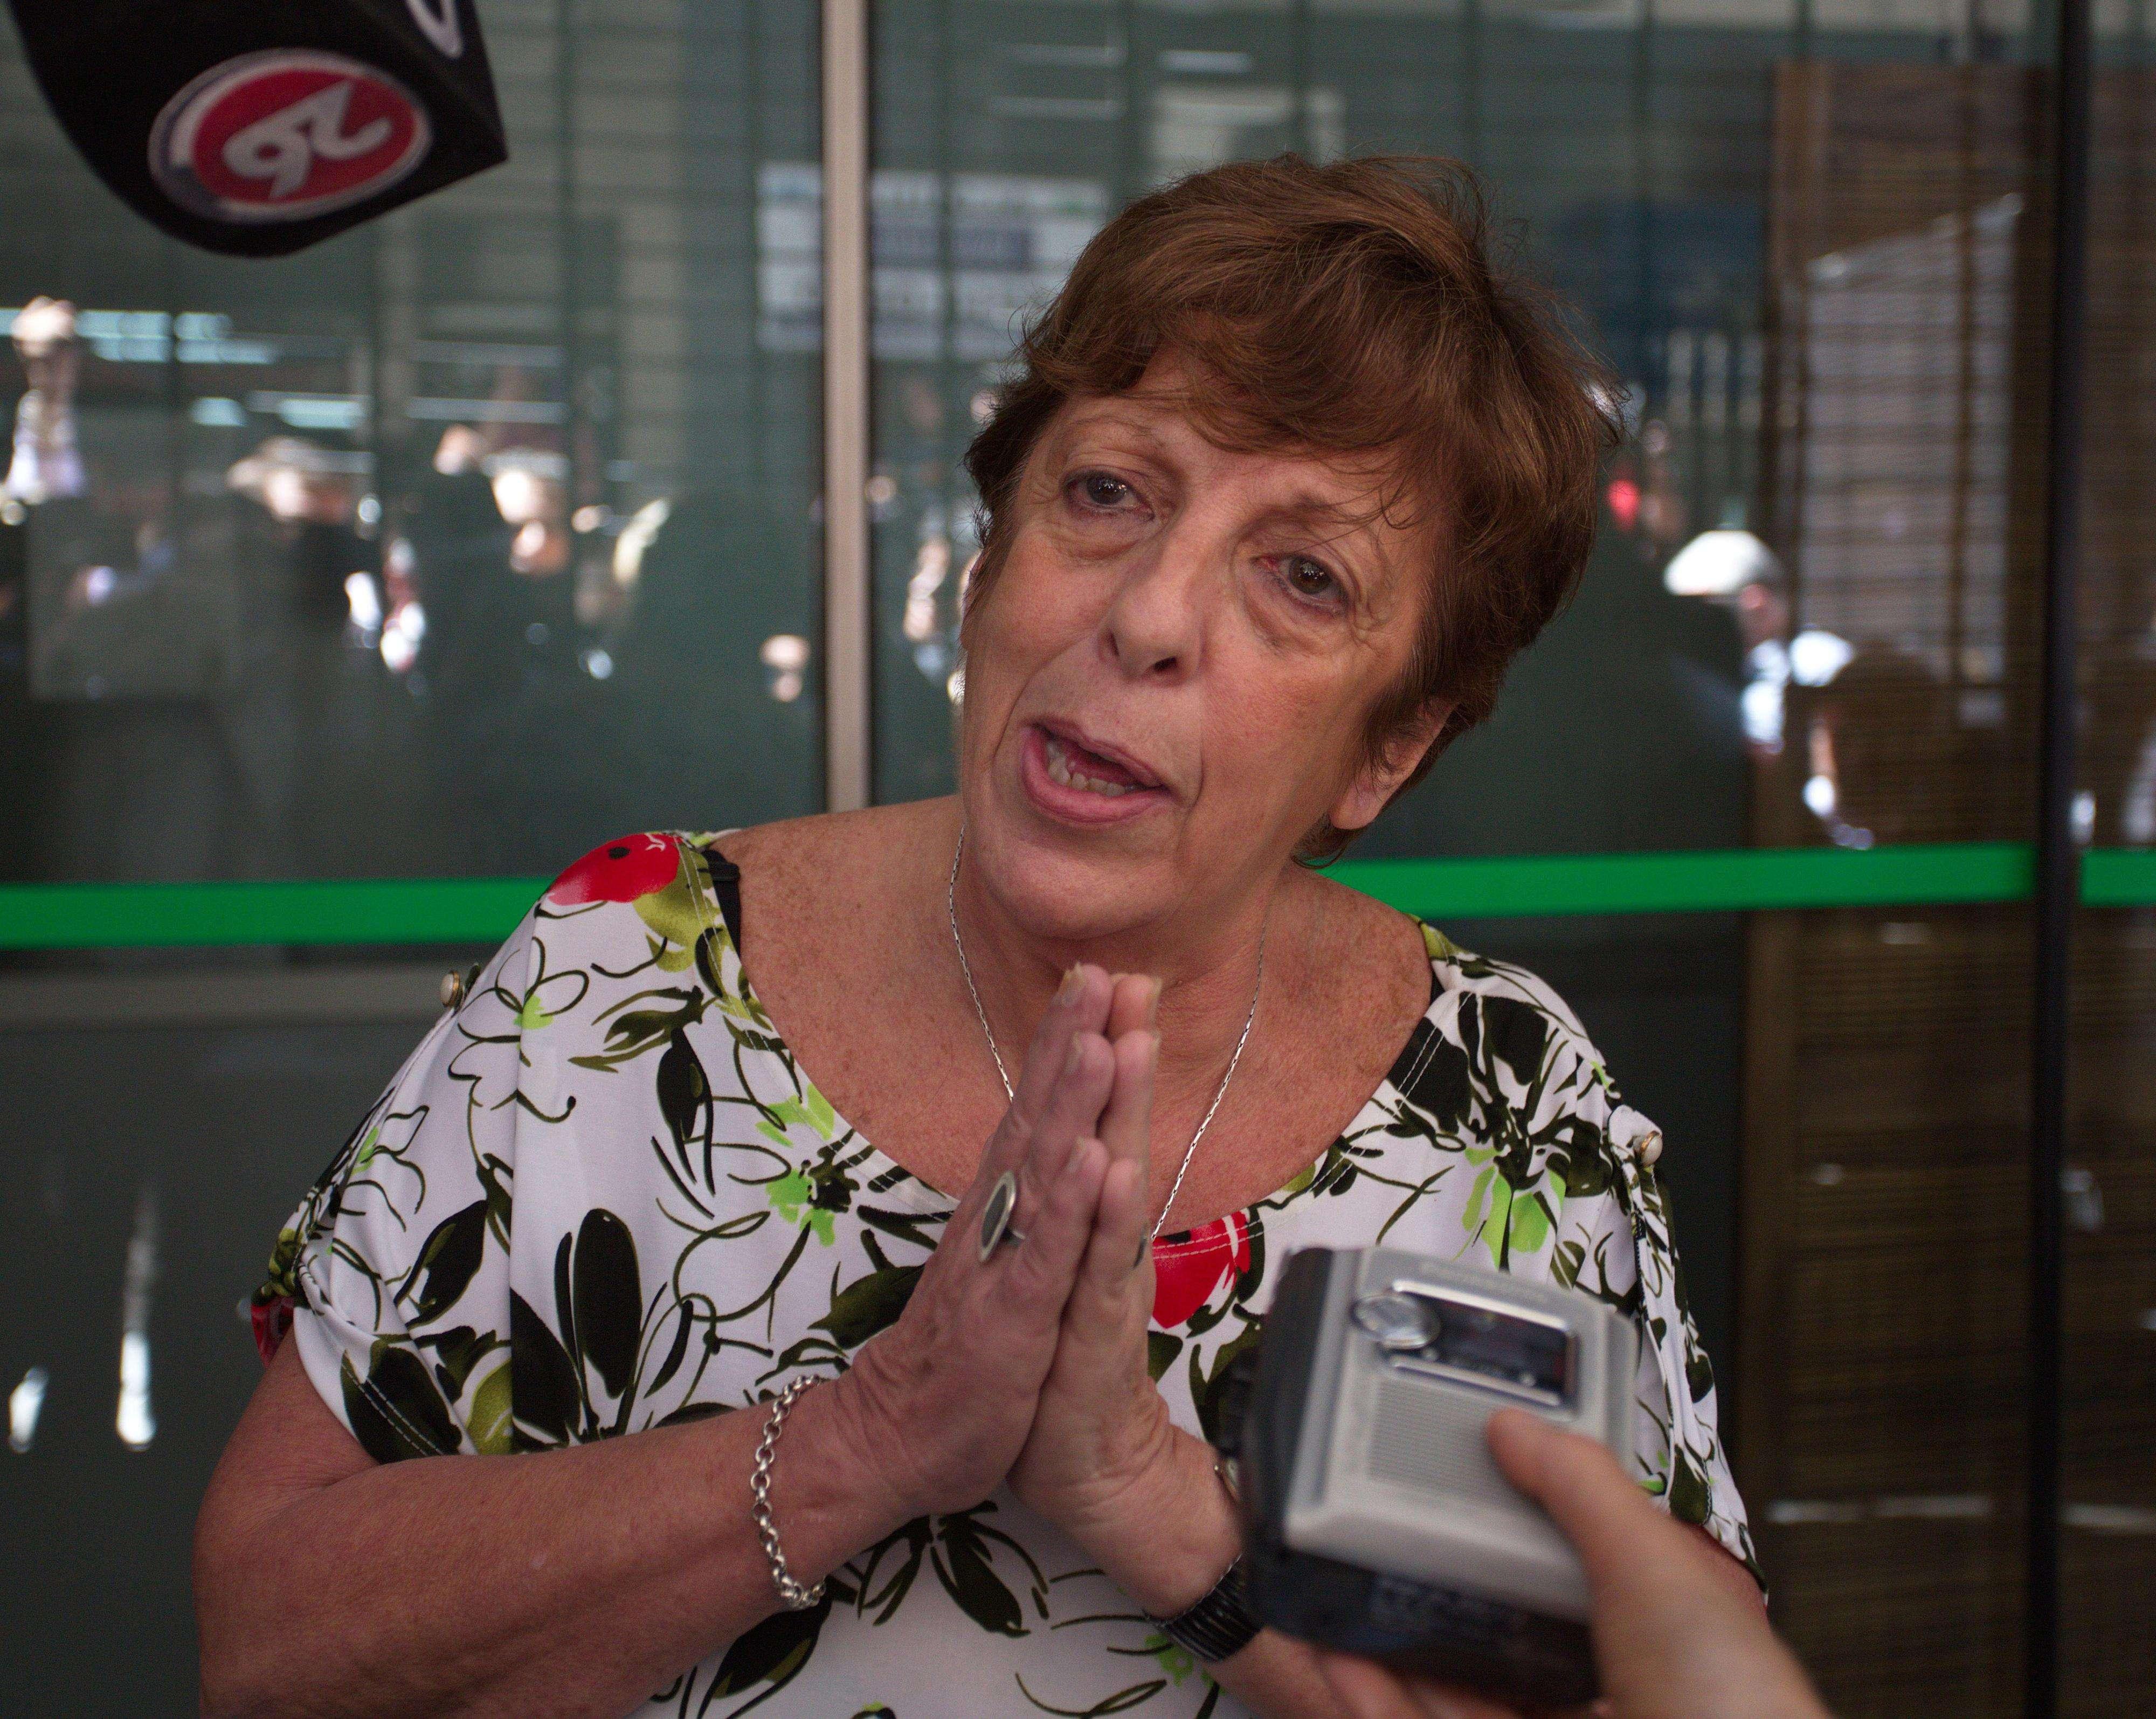 La fiscal Fein habló esta tarde con los medios. Foto: Noticias Argentinas